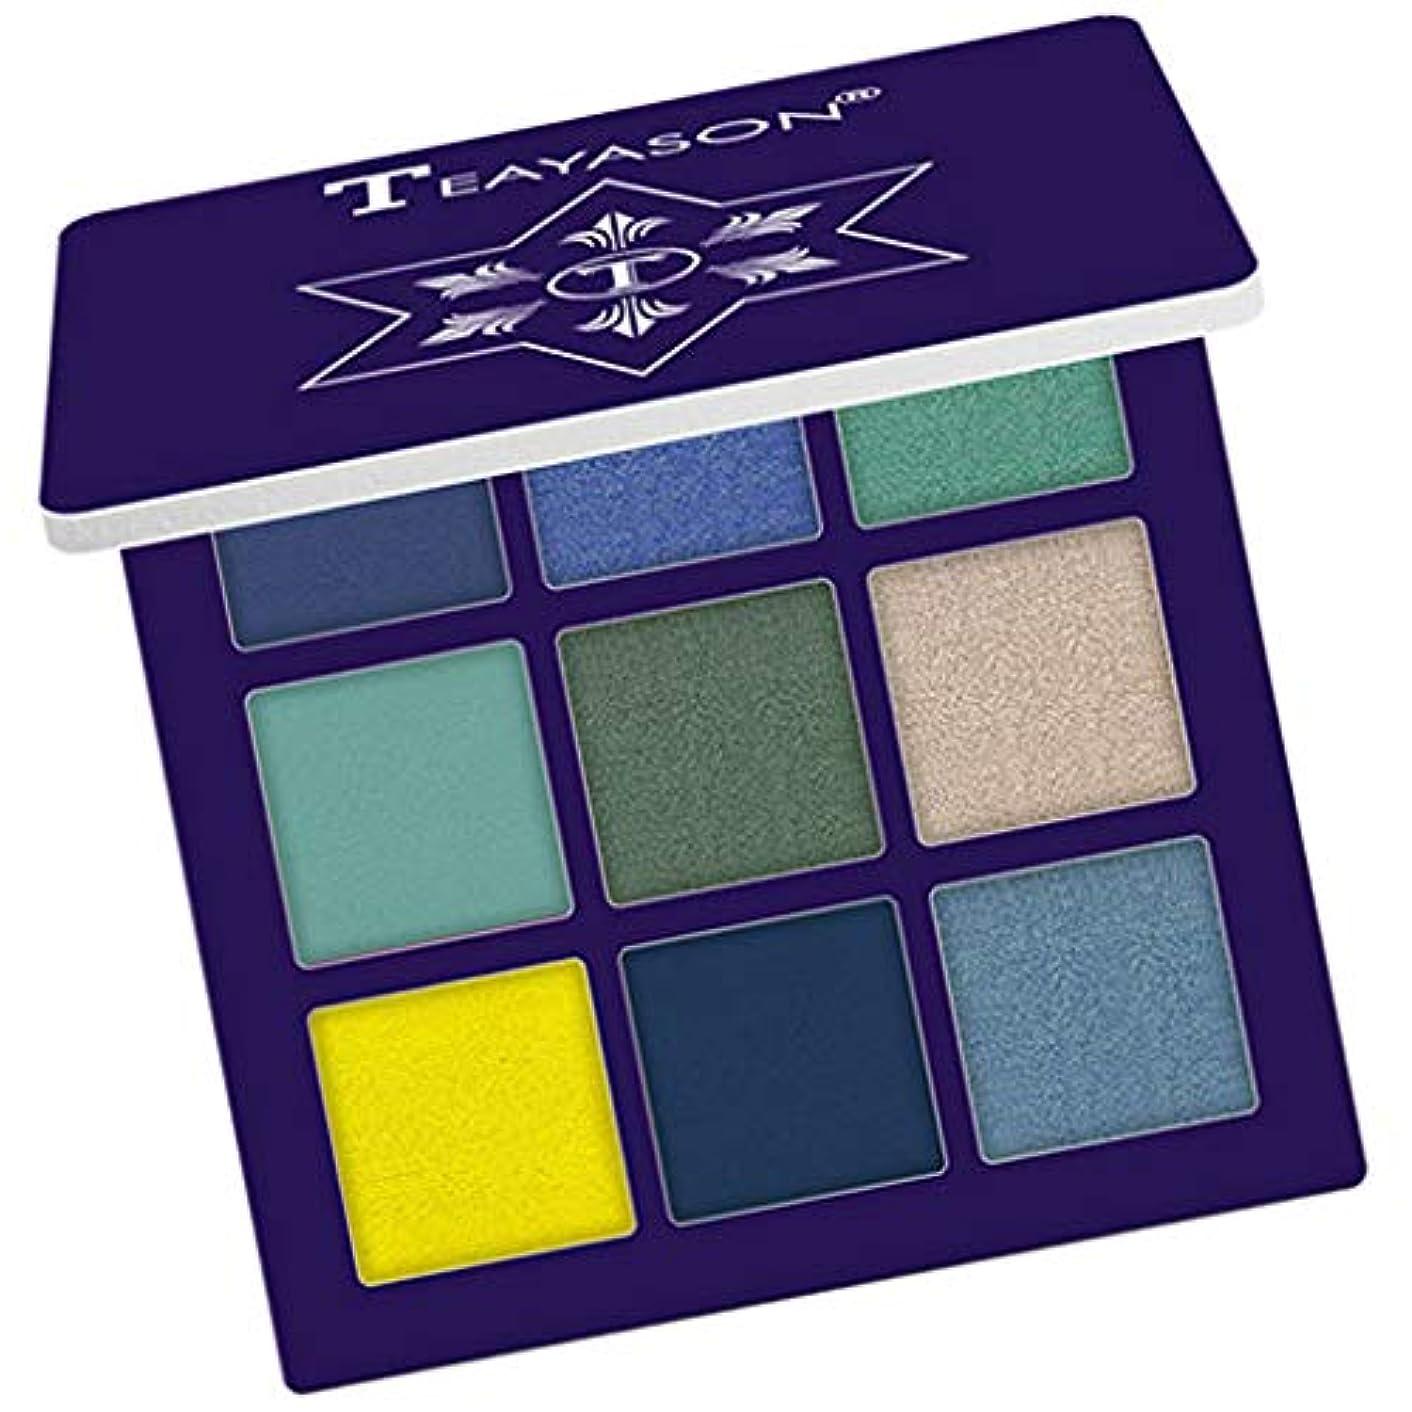 乱暴なオアシスクスクスアイシャドー パレット マット アイシャドウ きらめく 9色 ブレンド可能な 防水 全10色 - 濃紺